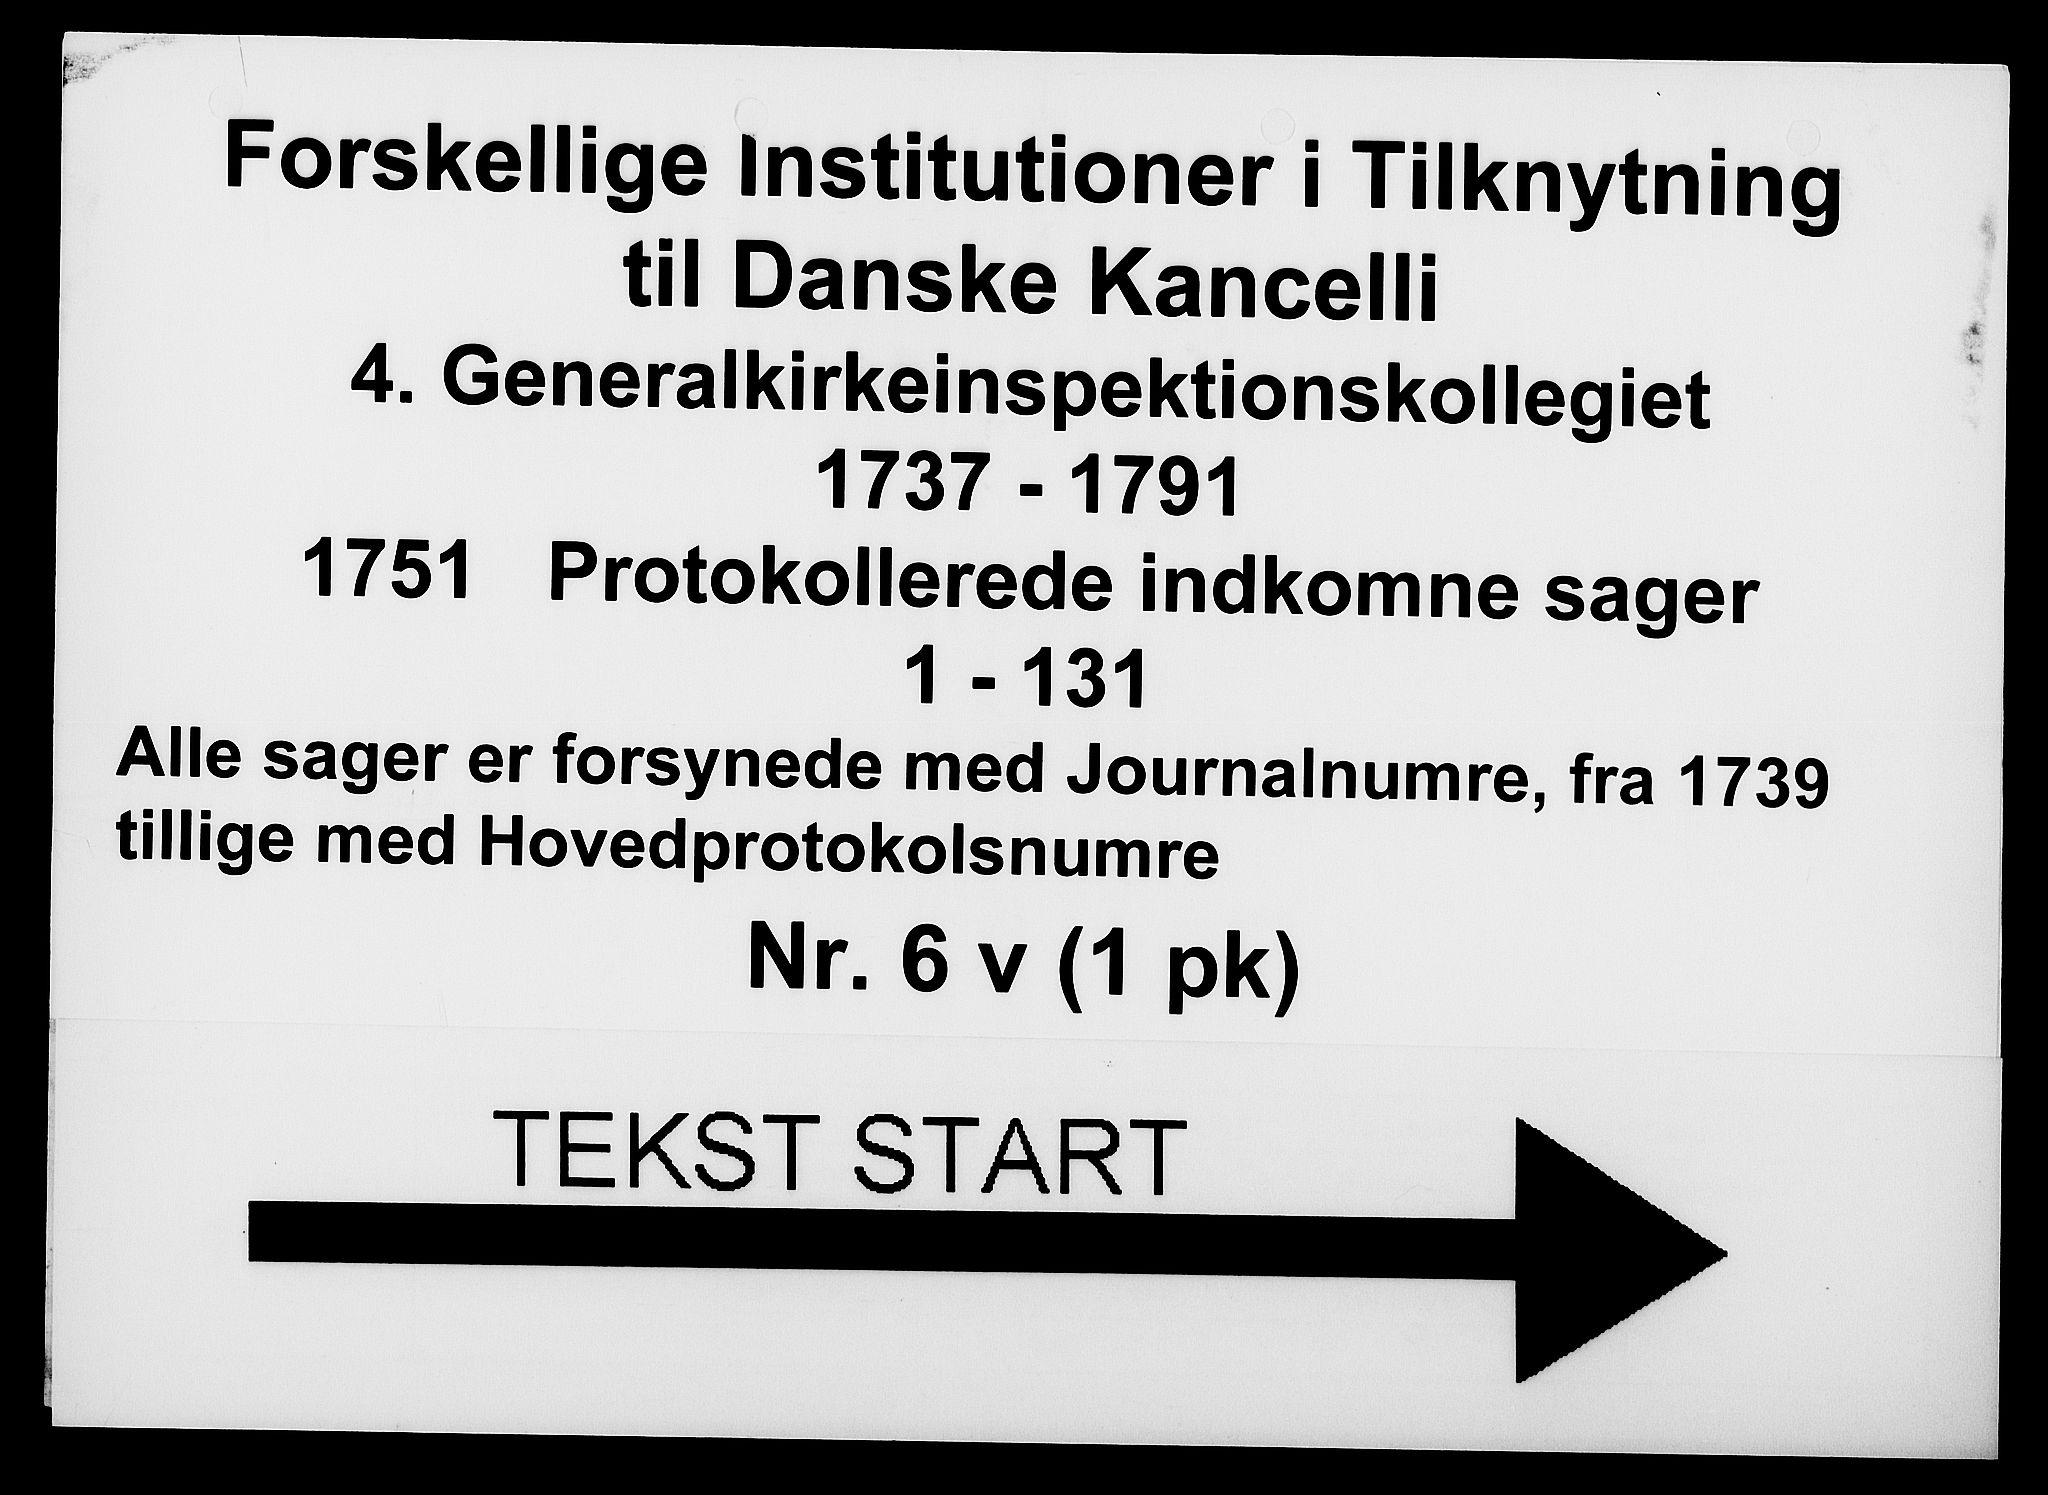 DRA, Generalkirkeinspektionskollegiet, F4-06/F4-06-22: Protokollerede indkomne sager, 1751